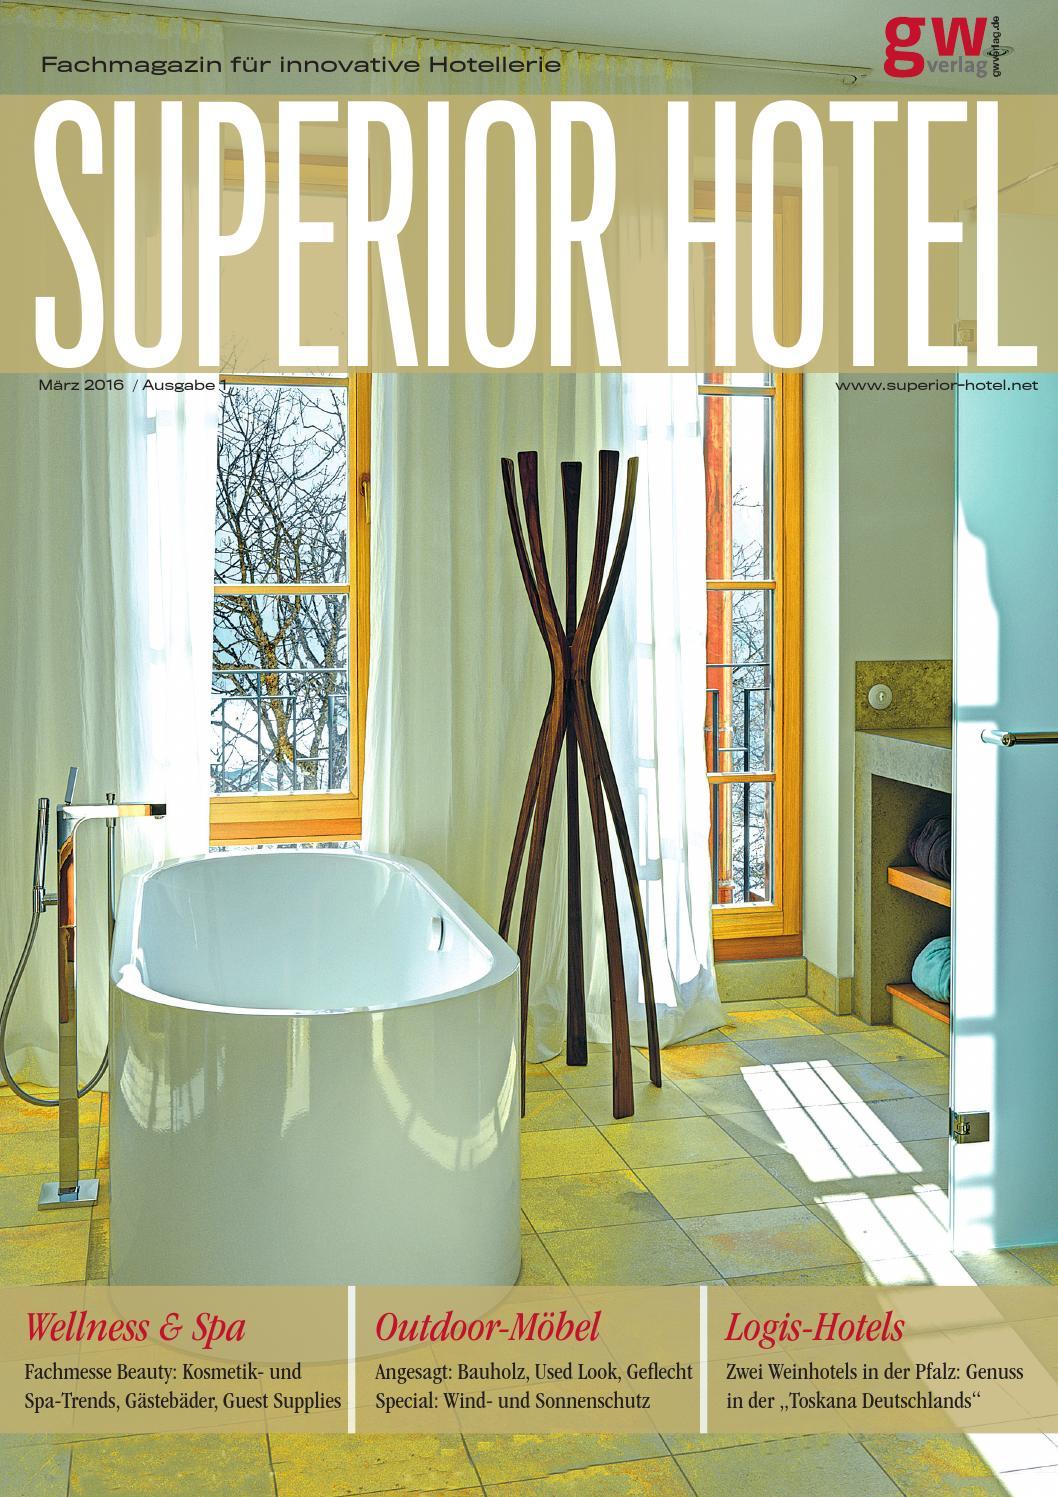 Superior Hotel 1/2016 by GW VERLAG - issuu